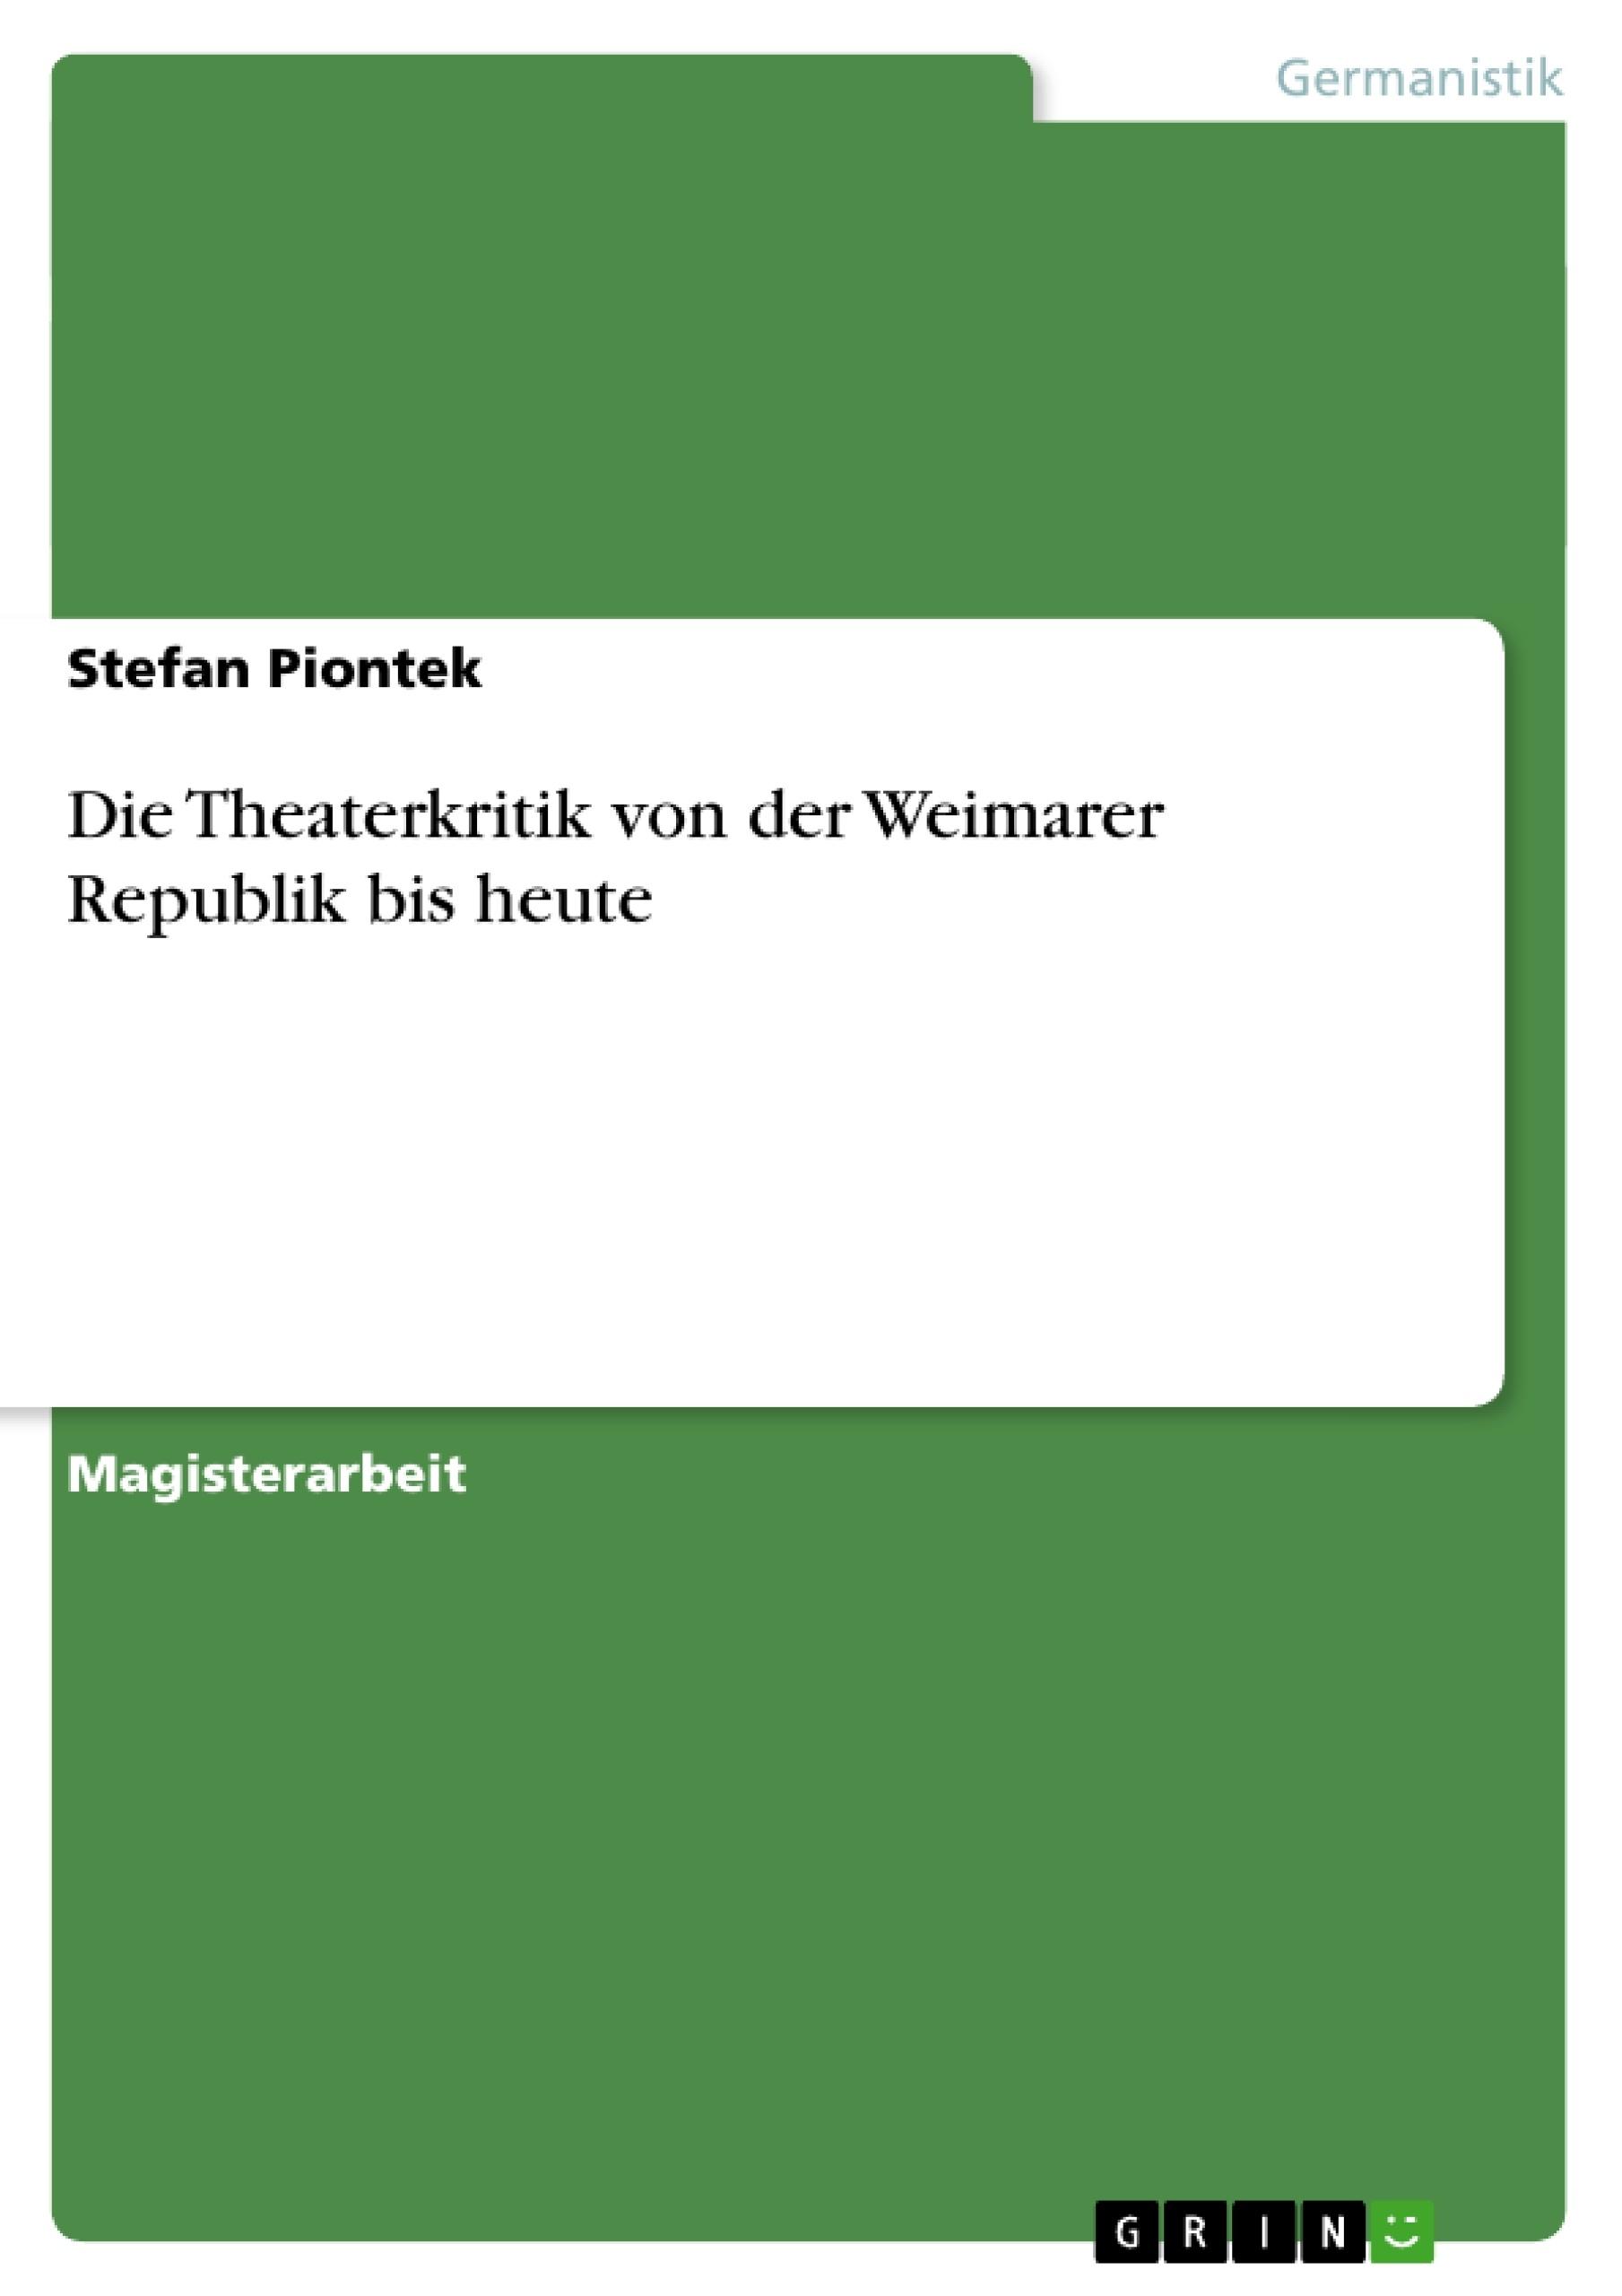 Die Theaterkritik von der Weimarer Republik bis heute ...